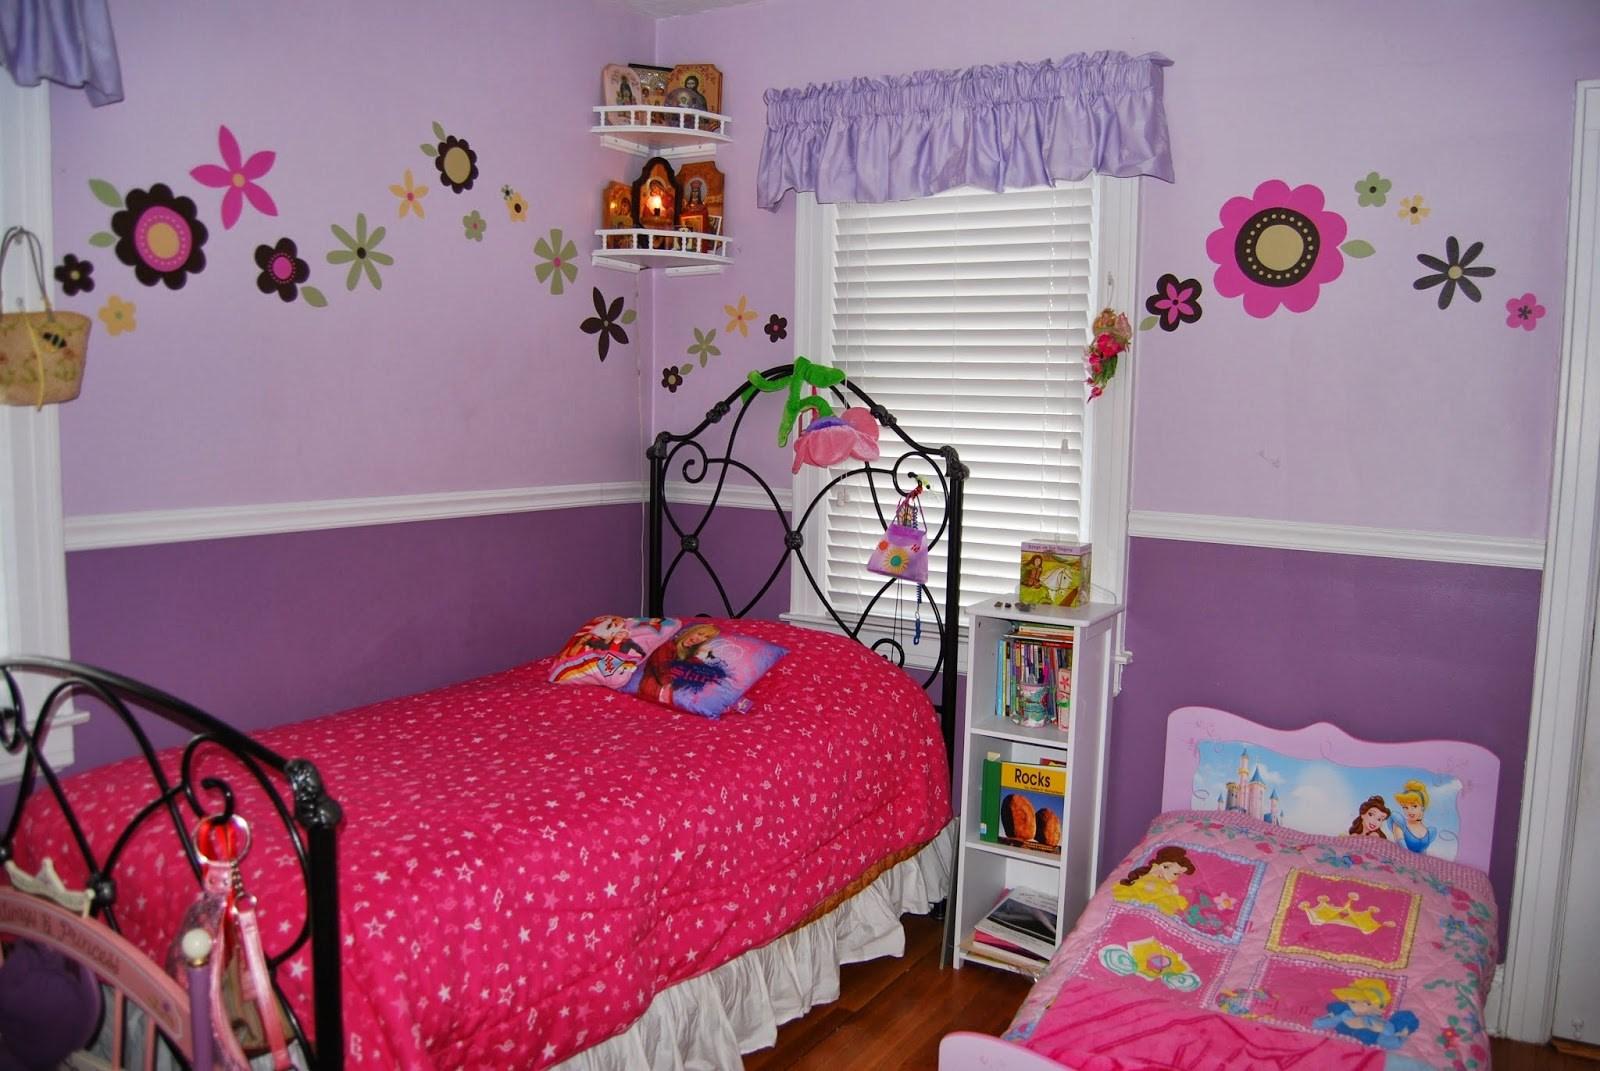 106 Wallpaper Dinding Kamar Anak Perempuan Remaja Desain